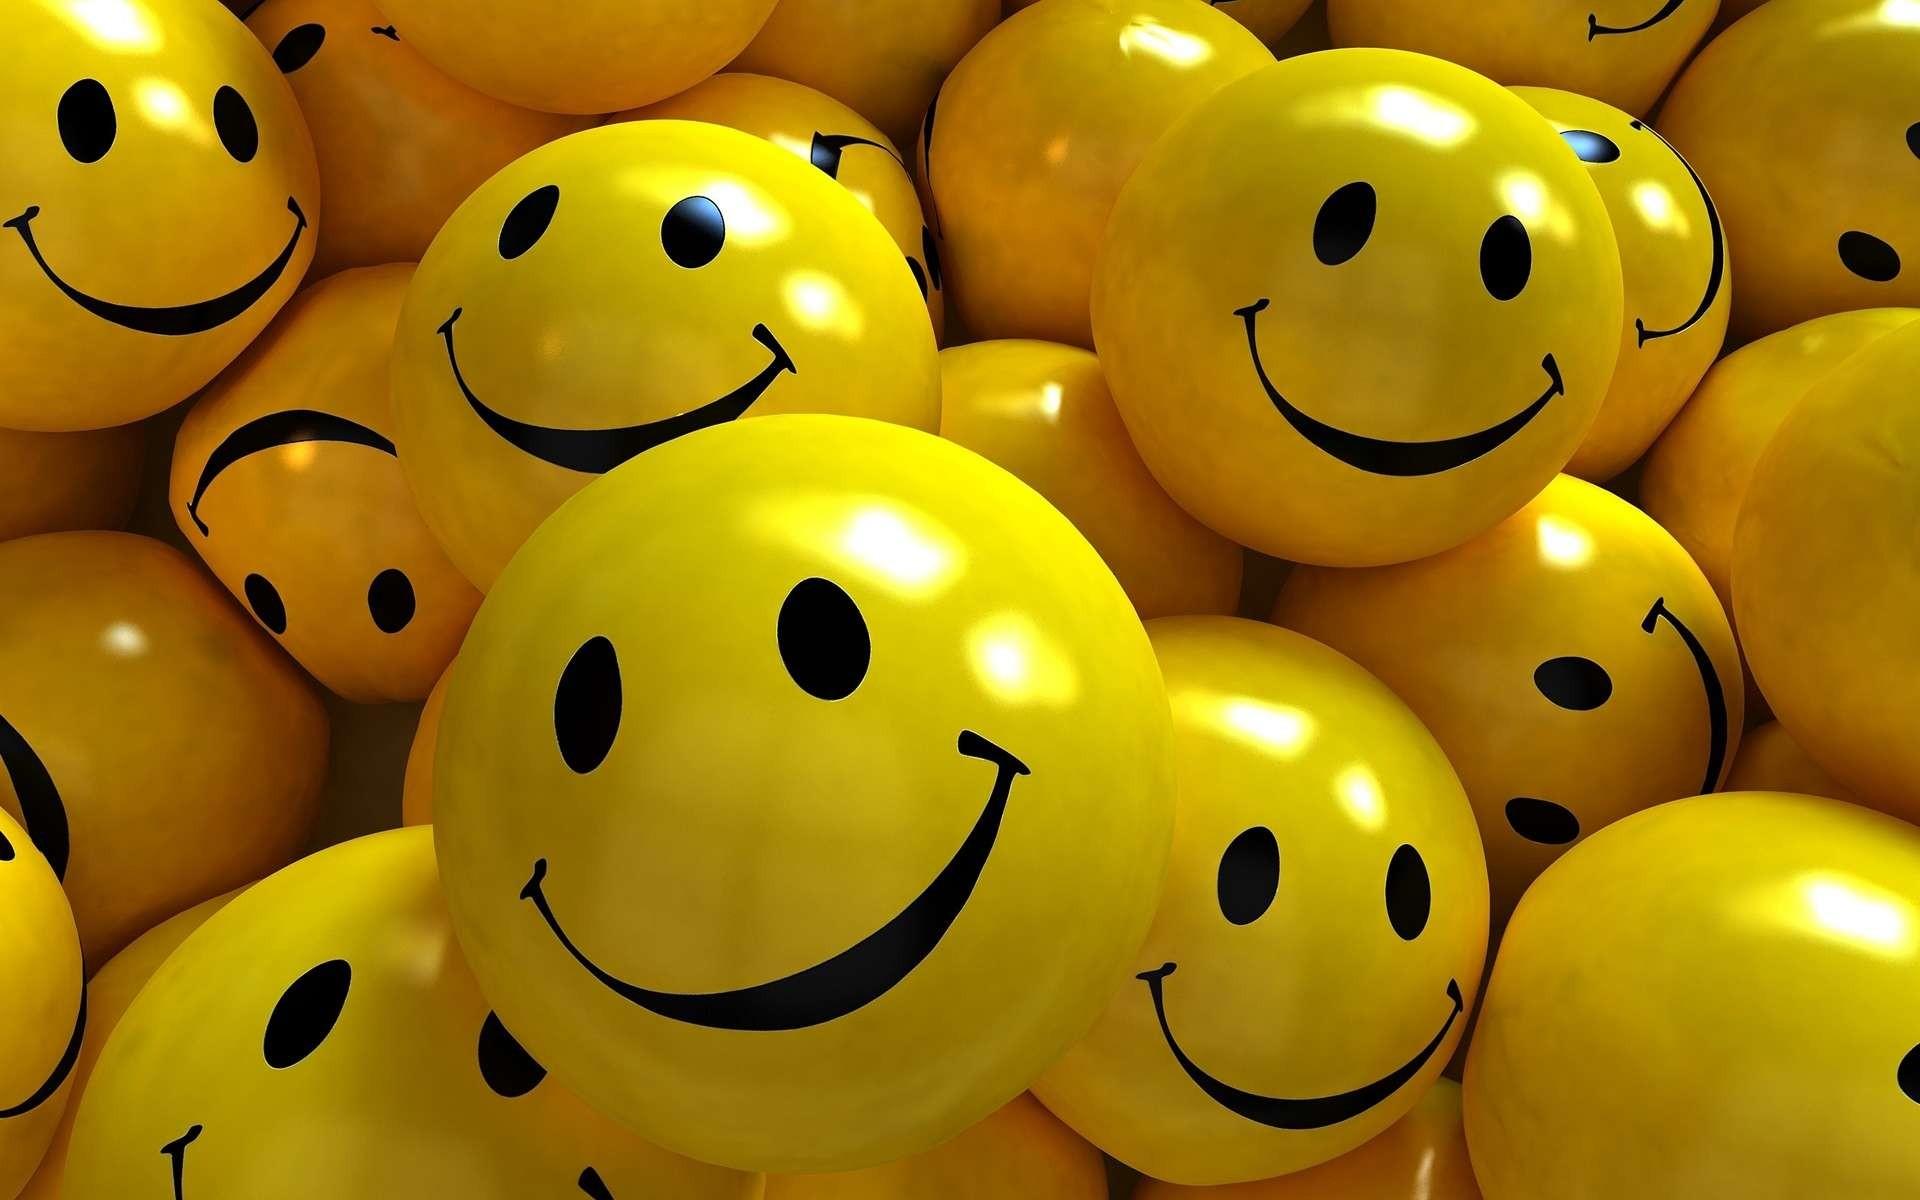 3d-smiley-faces